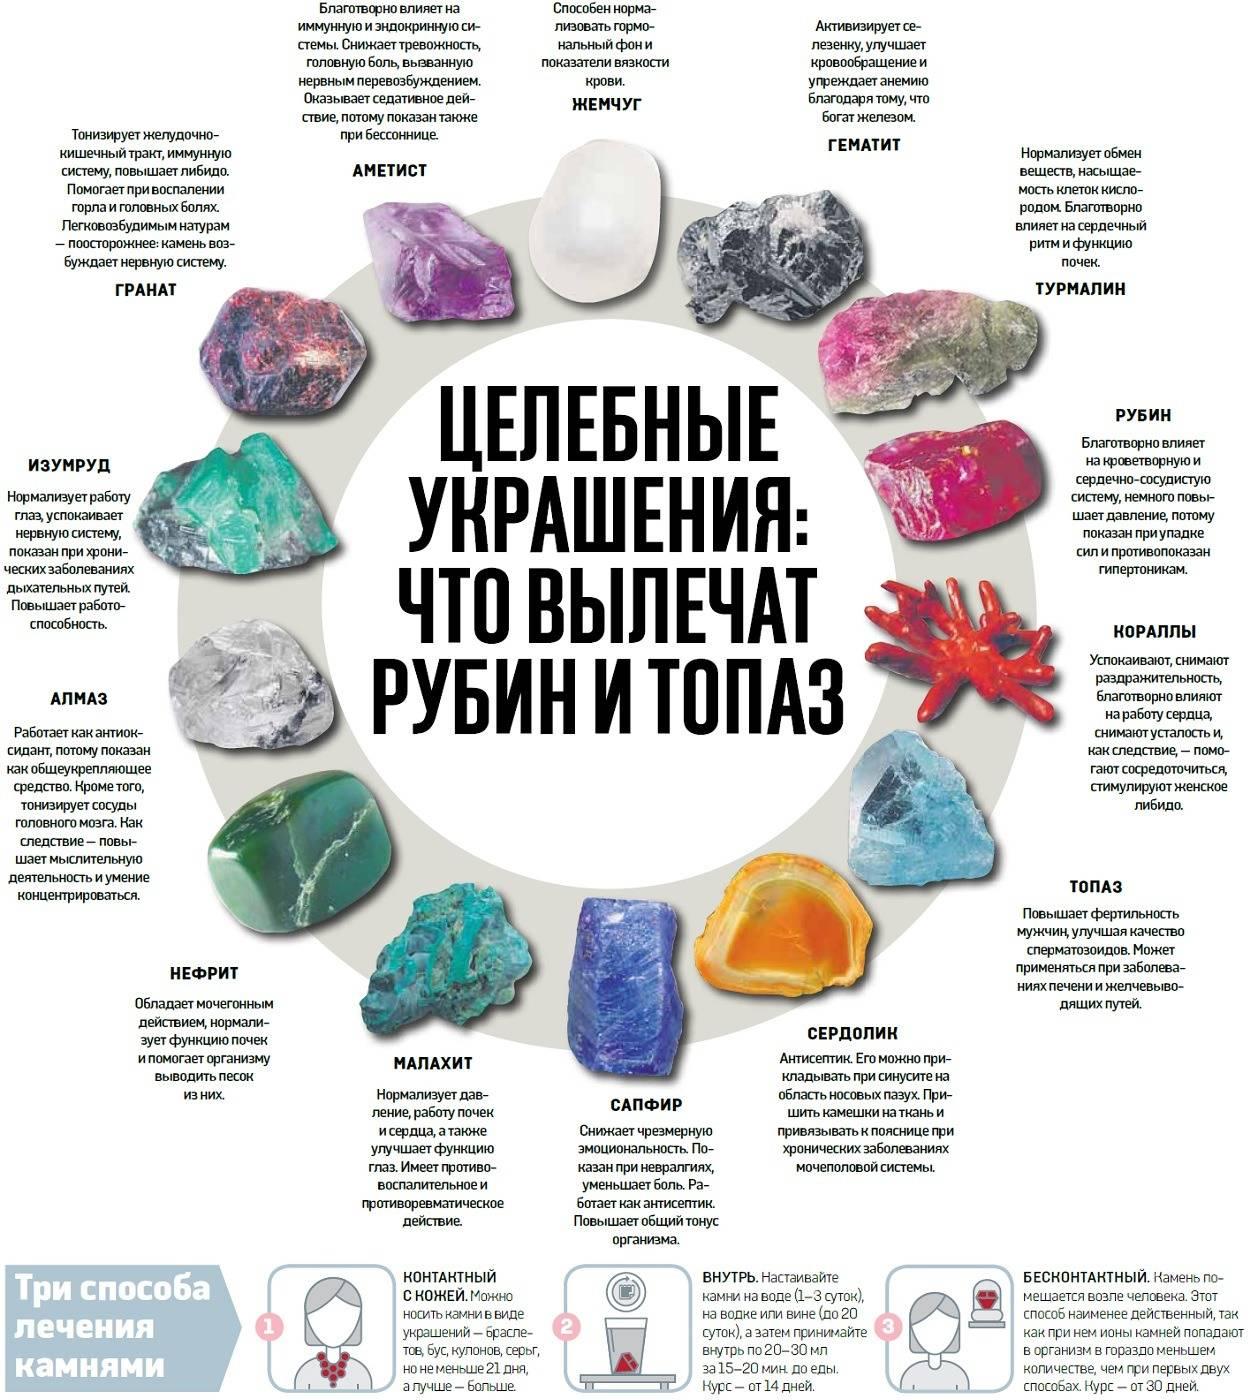 Камни по знакам зодиака (50 фото): драгоценные и полудрагоценные самоцветы, какие подходят по гороскопу, таблица